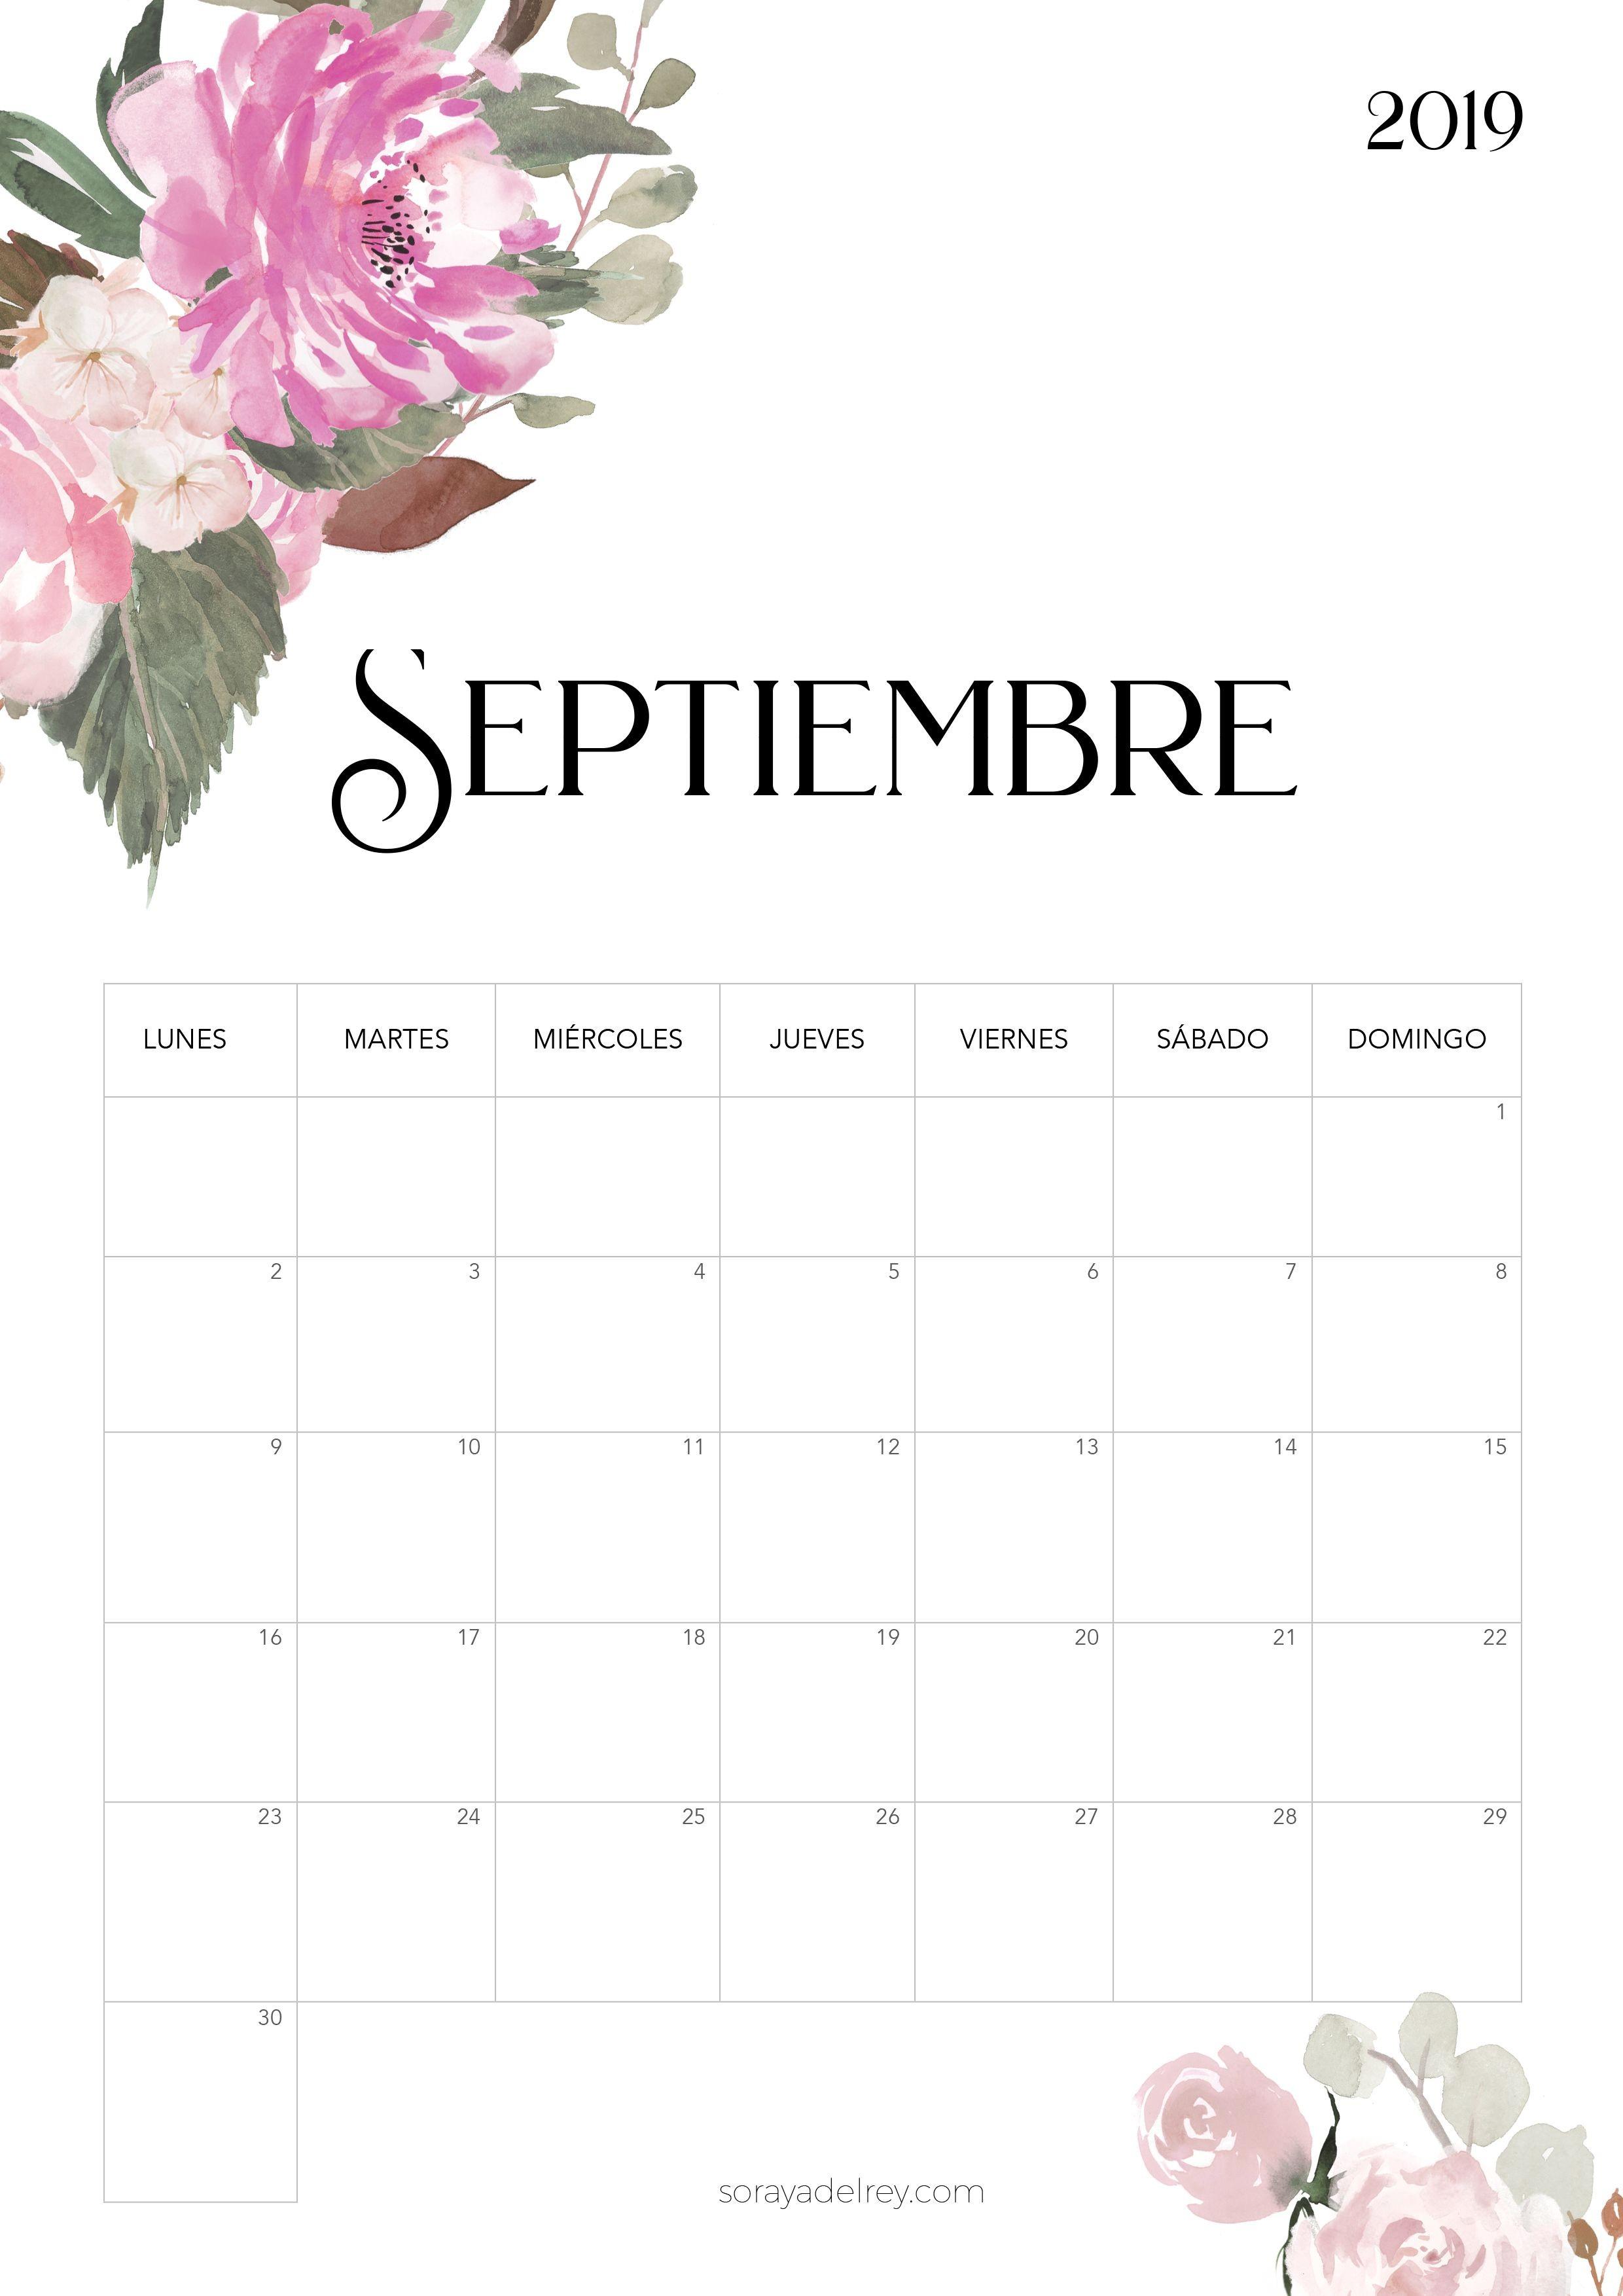 Calendario para imprimir septiembre 2018 freebie calendario calendar septiembre flowers nature papeleria stationary